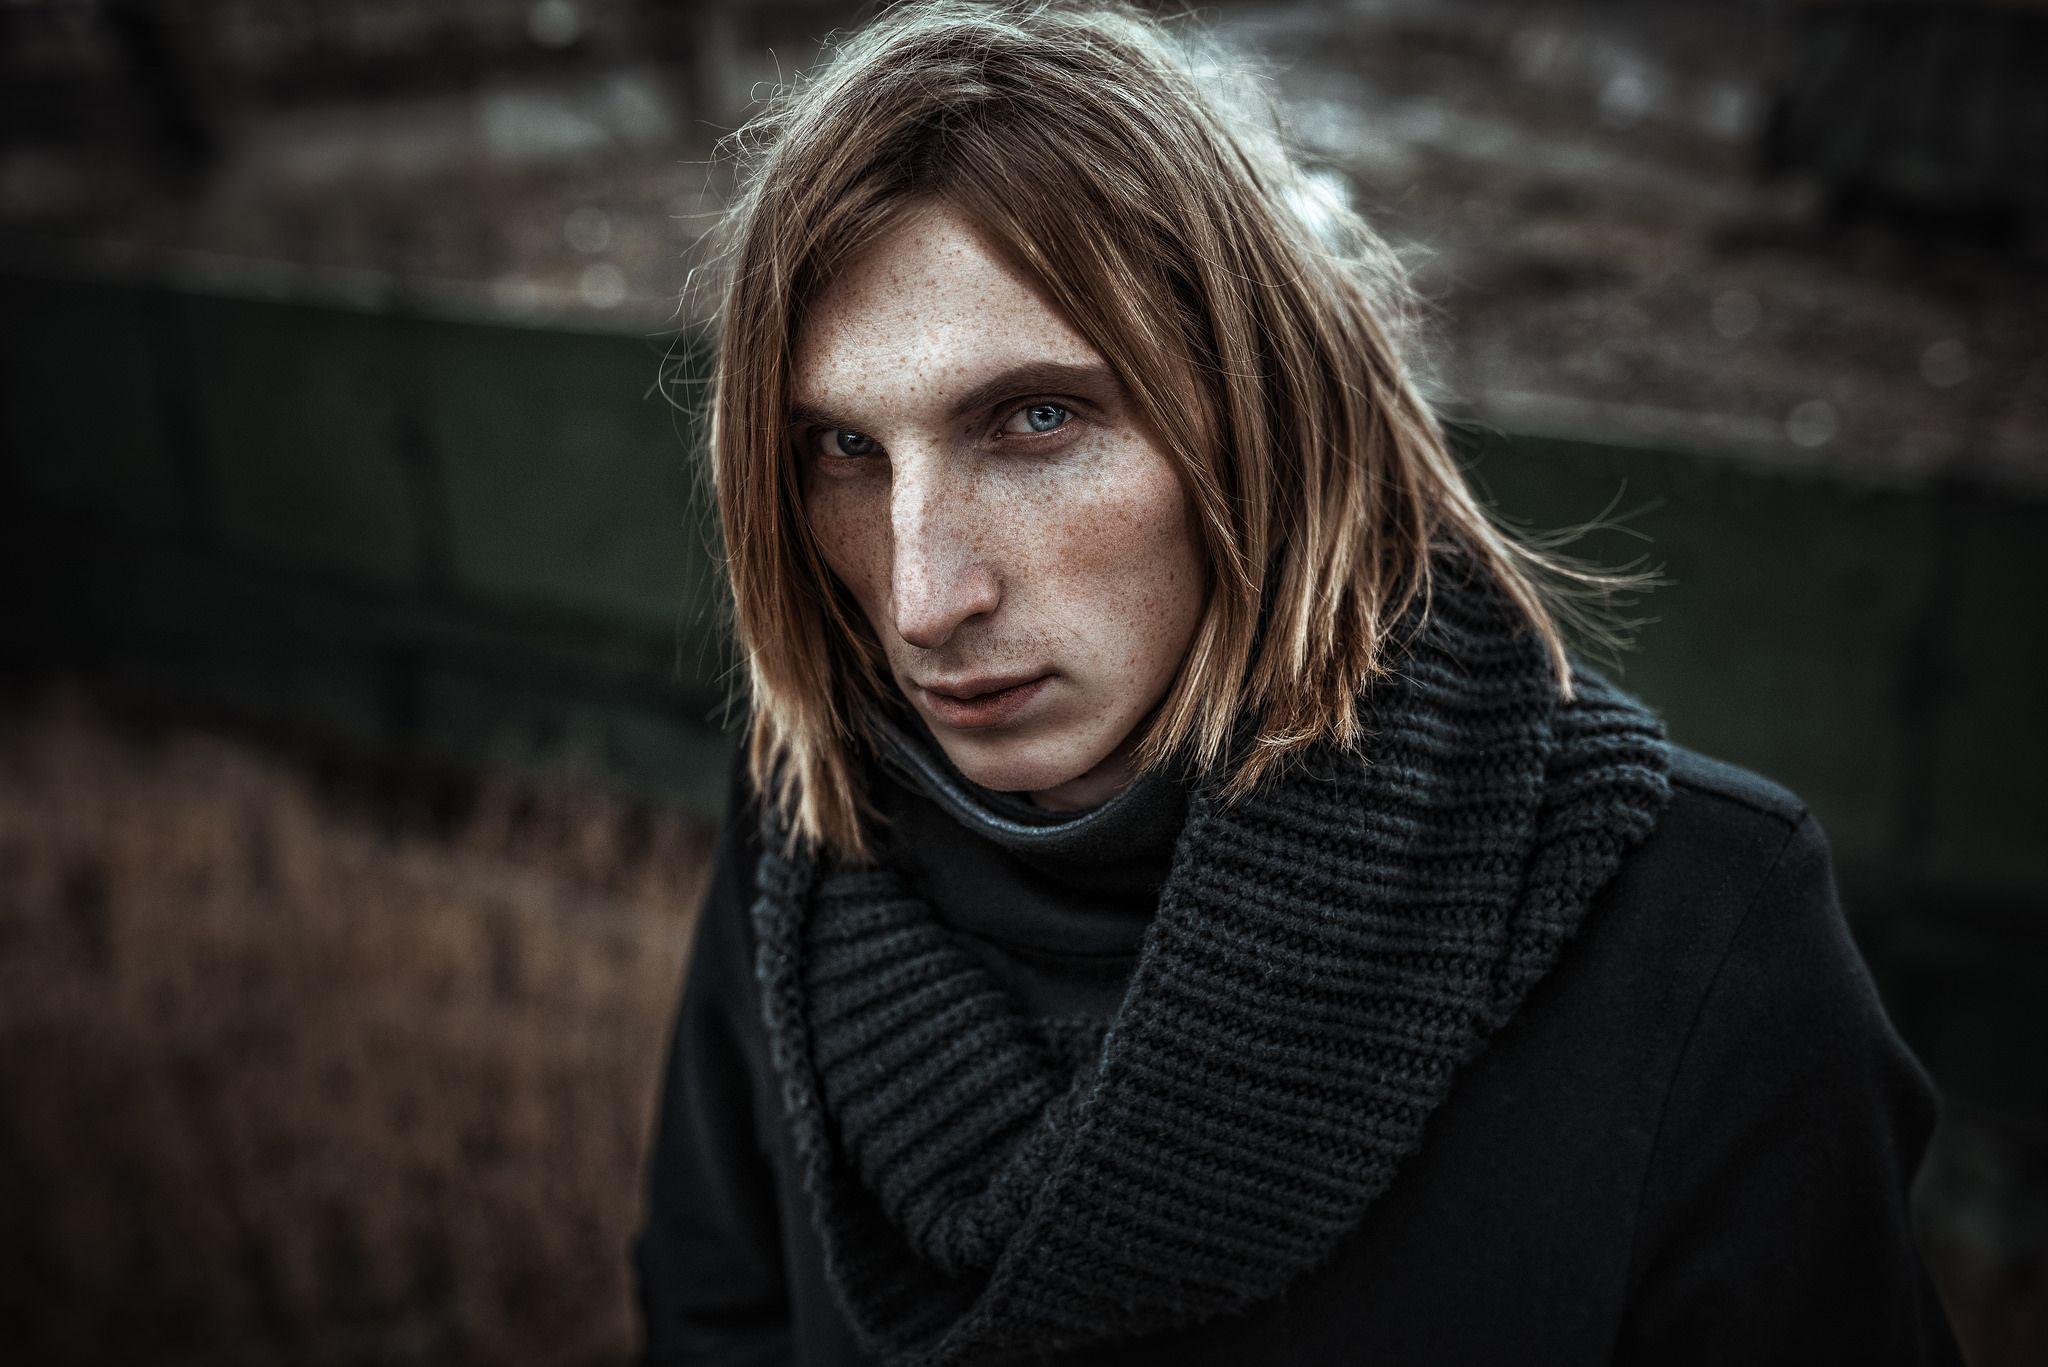 https://www.flickr.com/photos/aleksandr_fagot/23103417622/in/pool-angelpeople/